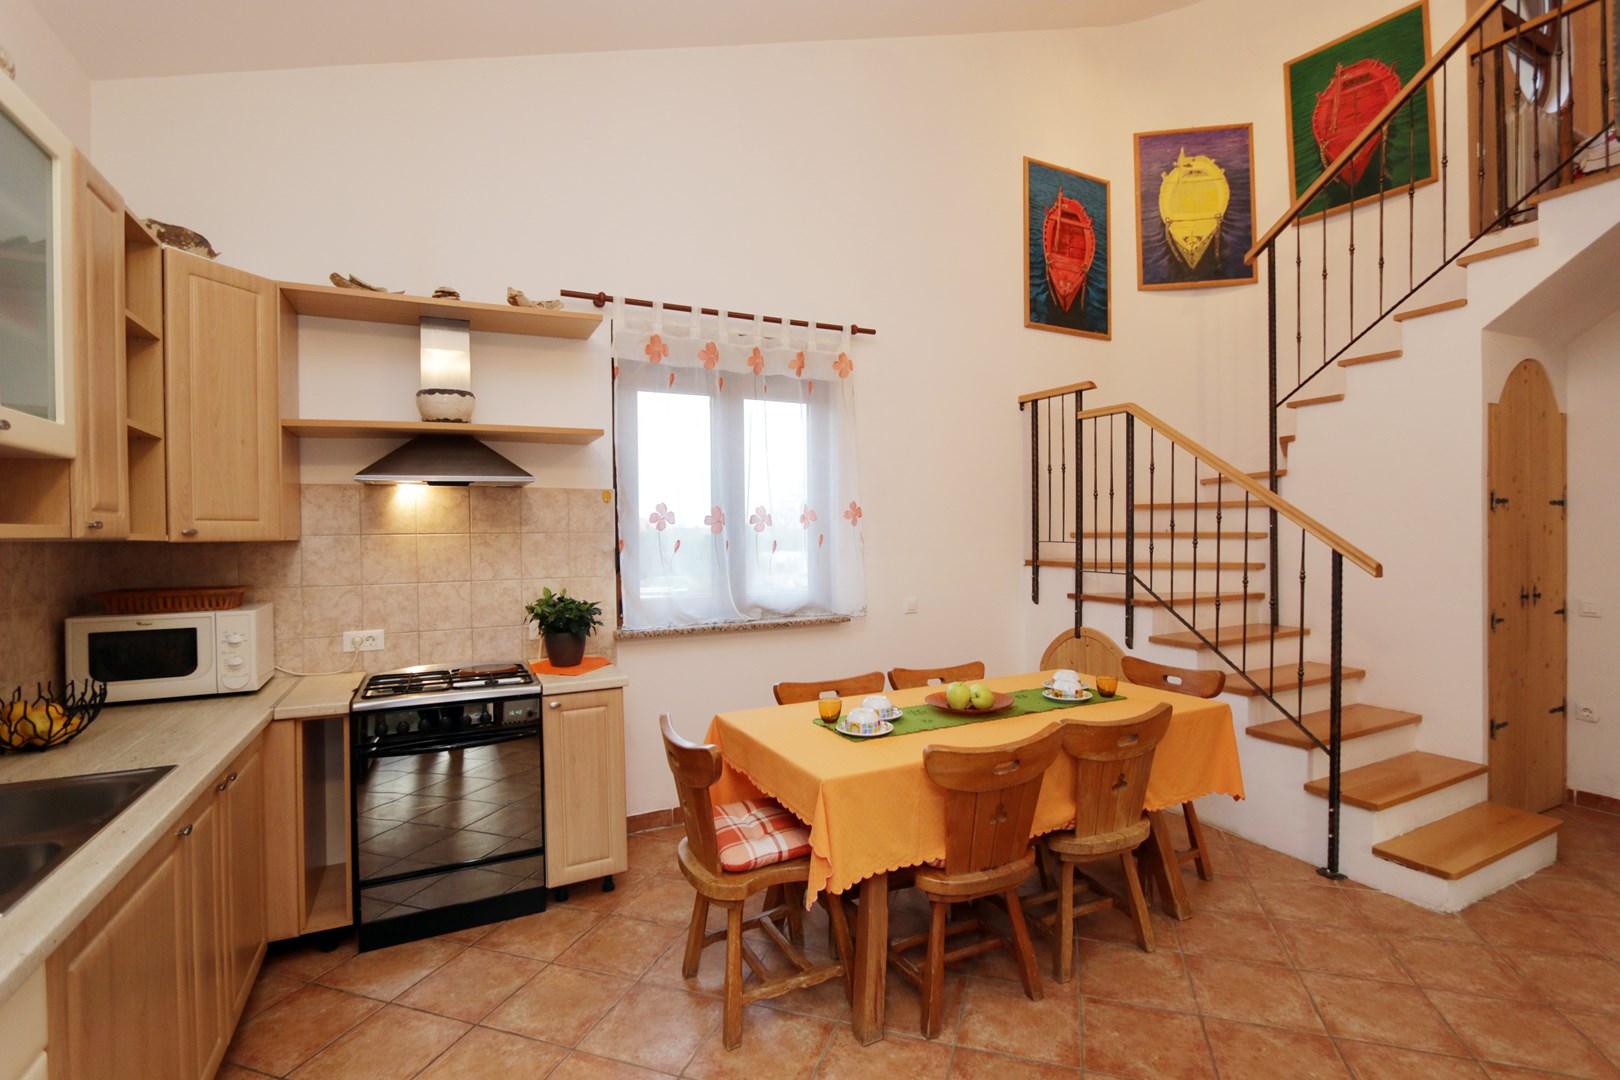 Ferienwohnung Apartments Maya / Two bedroom Apartment White A1 (1740092), Medulin, , Istrien, Kroatien, Bild 26